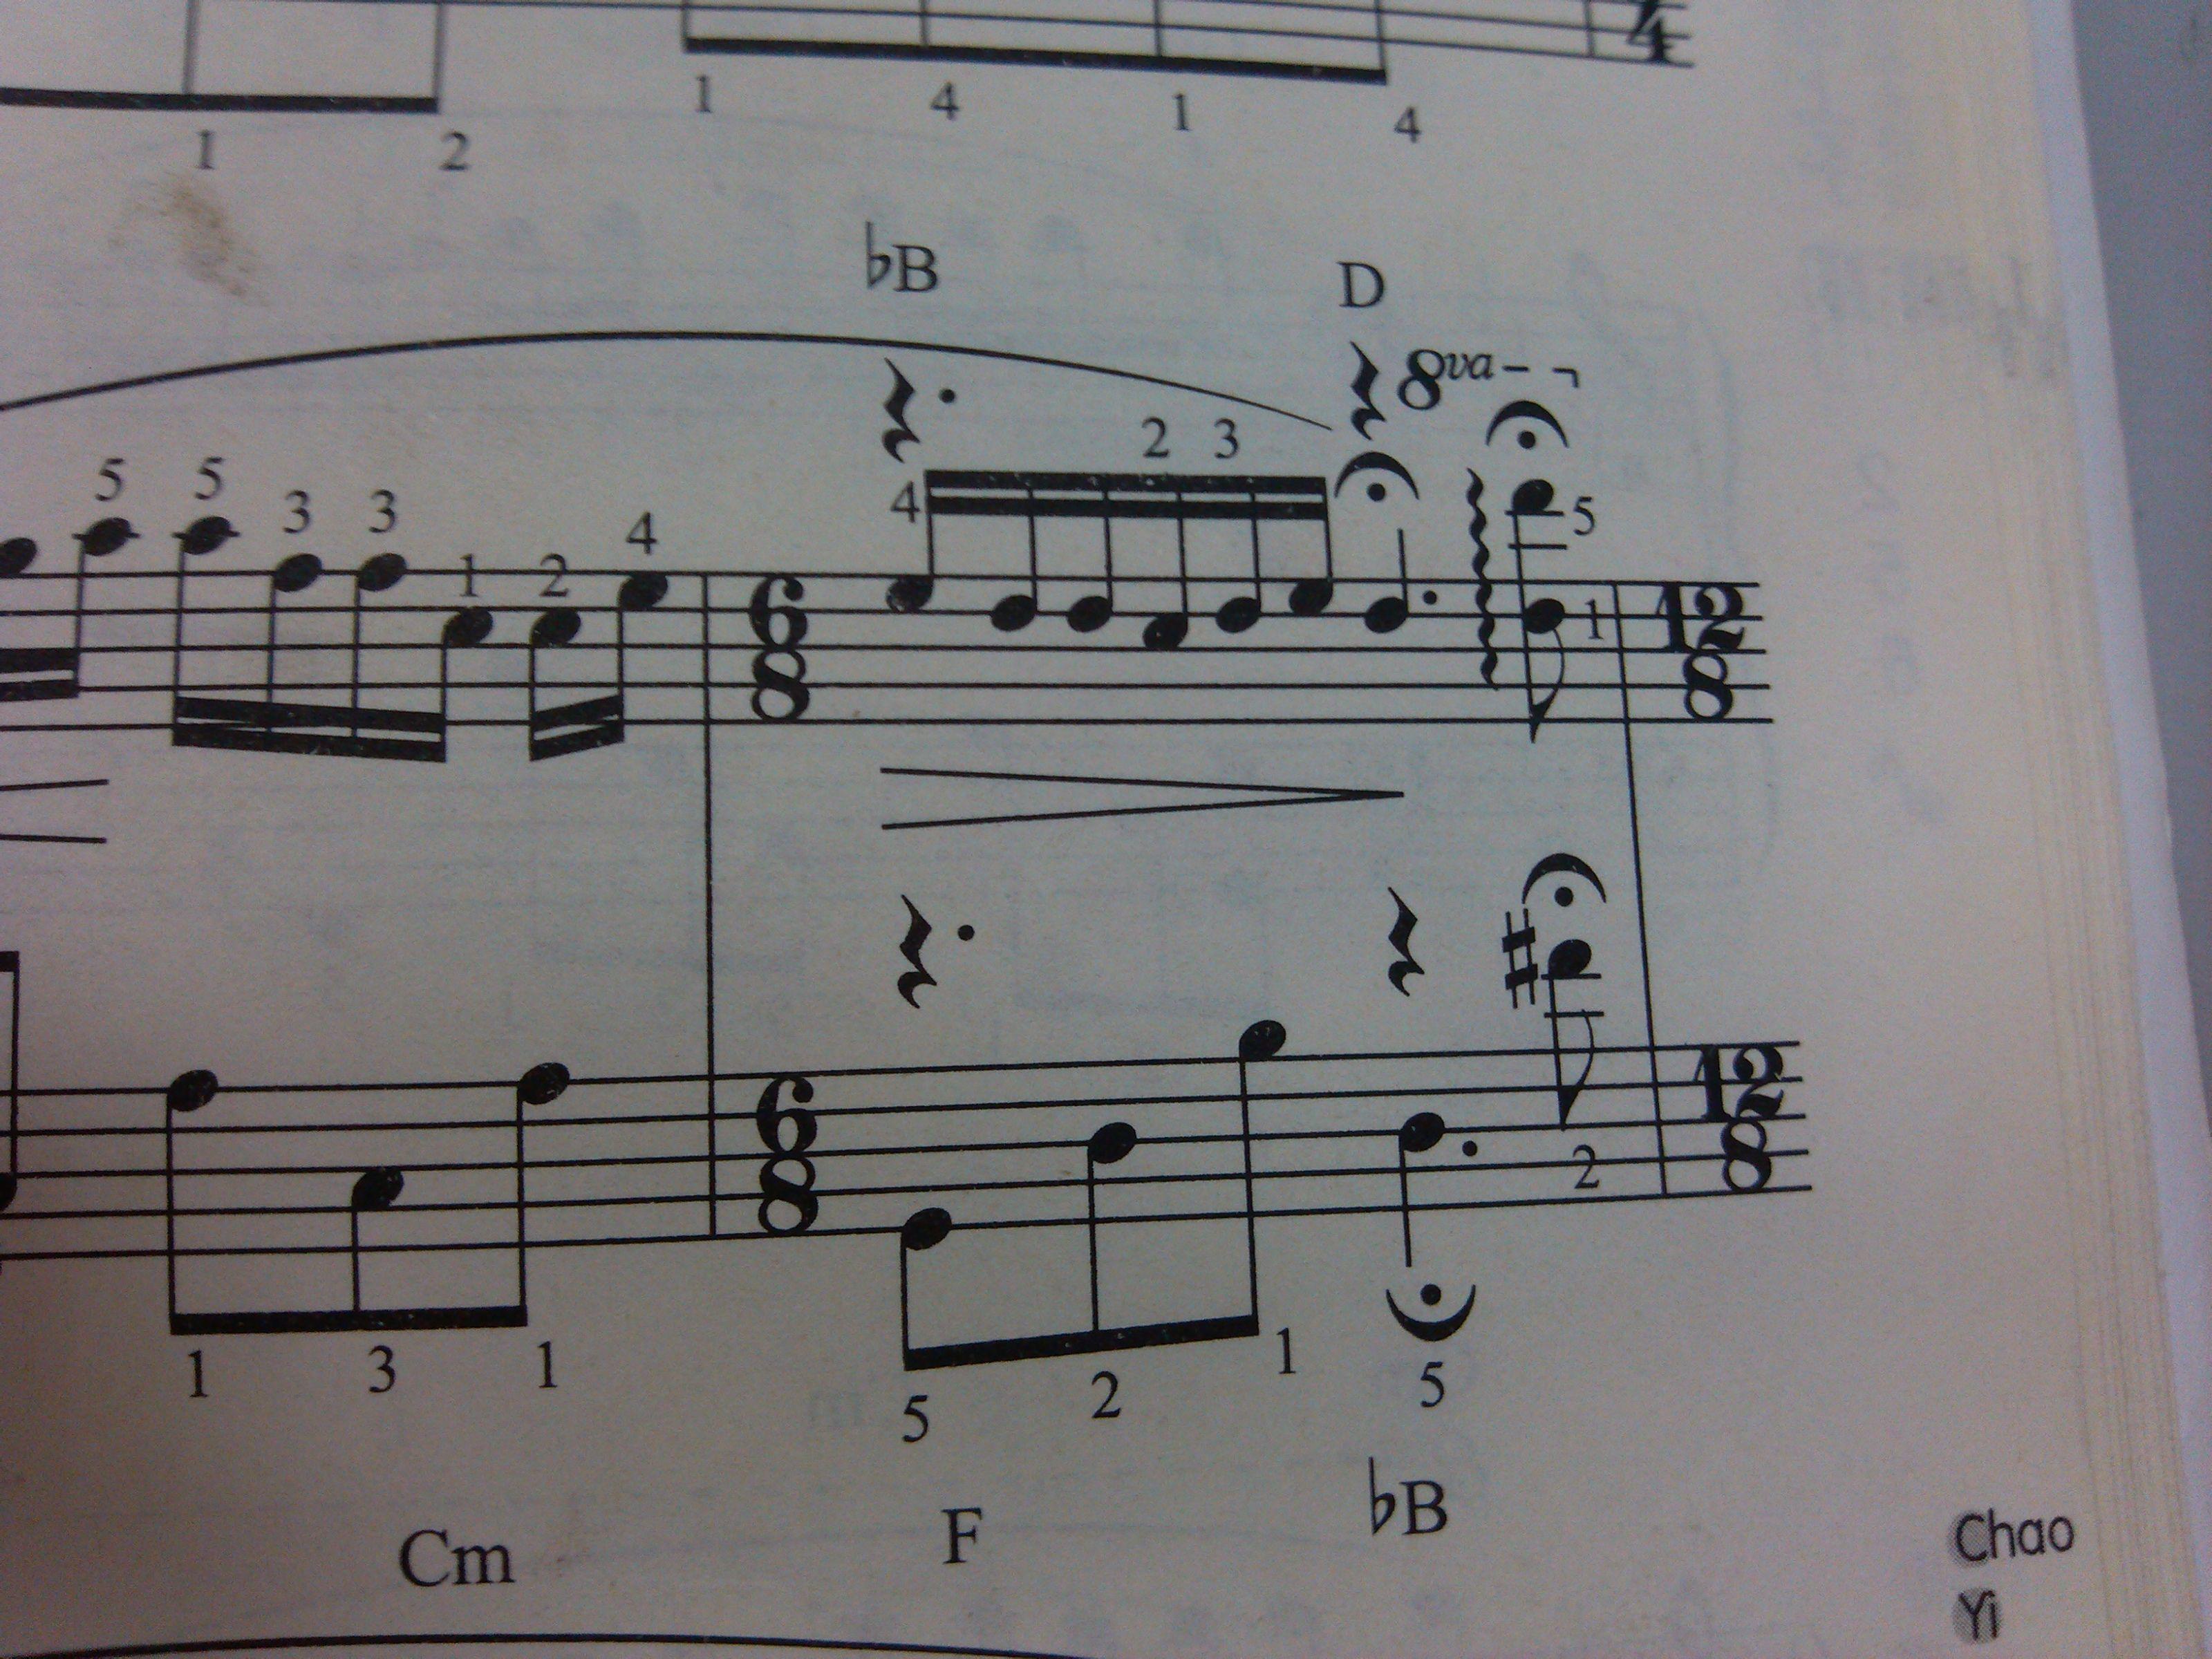 因为普通的钢琴曲分两个声部(左右手)图片